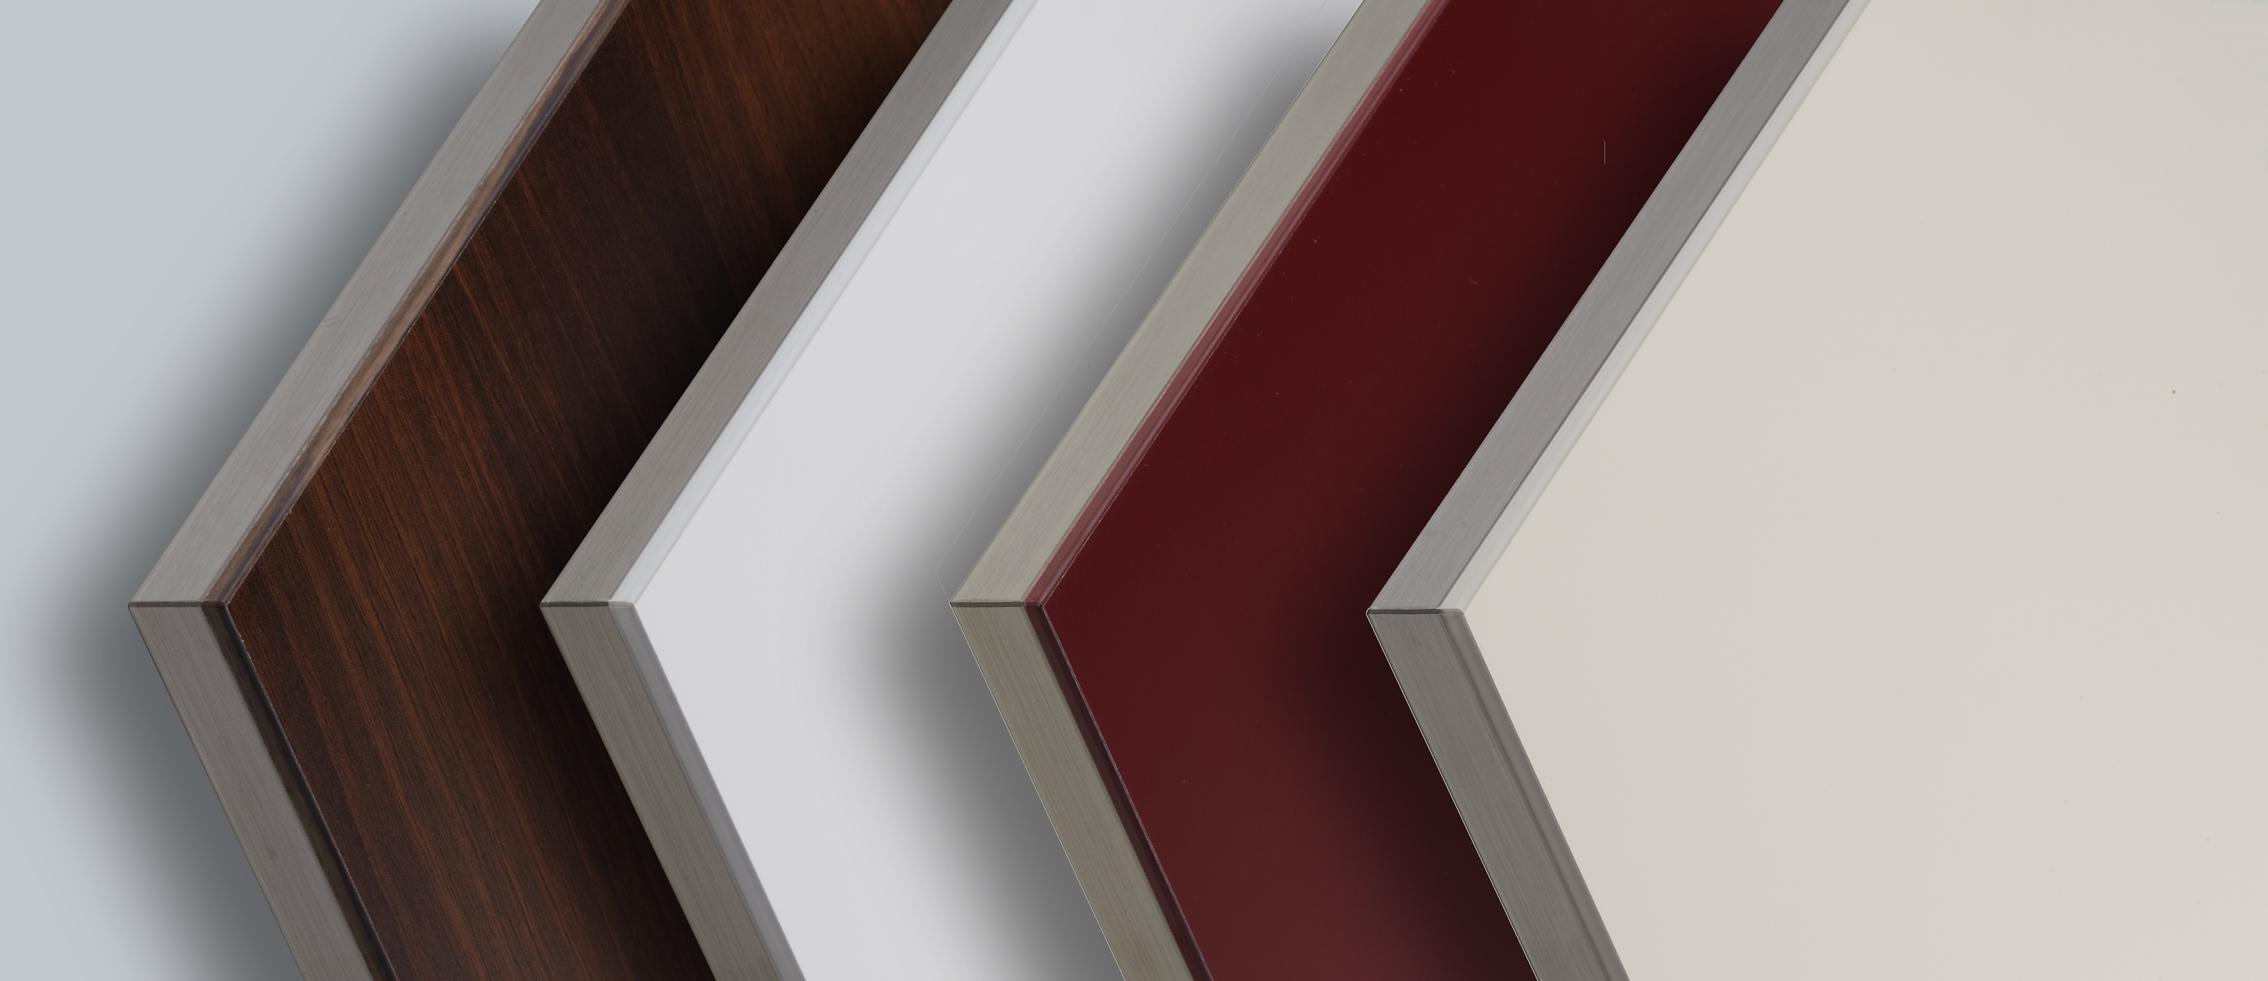 spiegelglanz archive seite 2 von 2 k chenfront 24. Black Bedroom Furniture Sets. Home Design Ideas